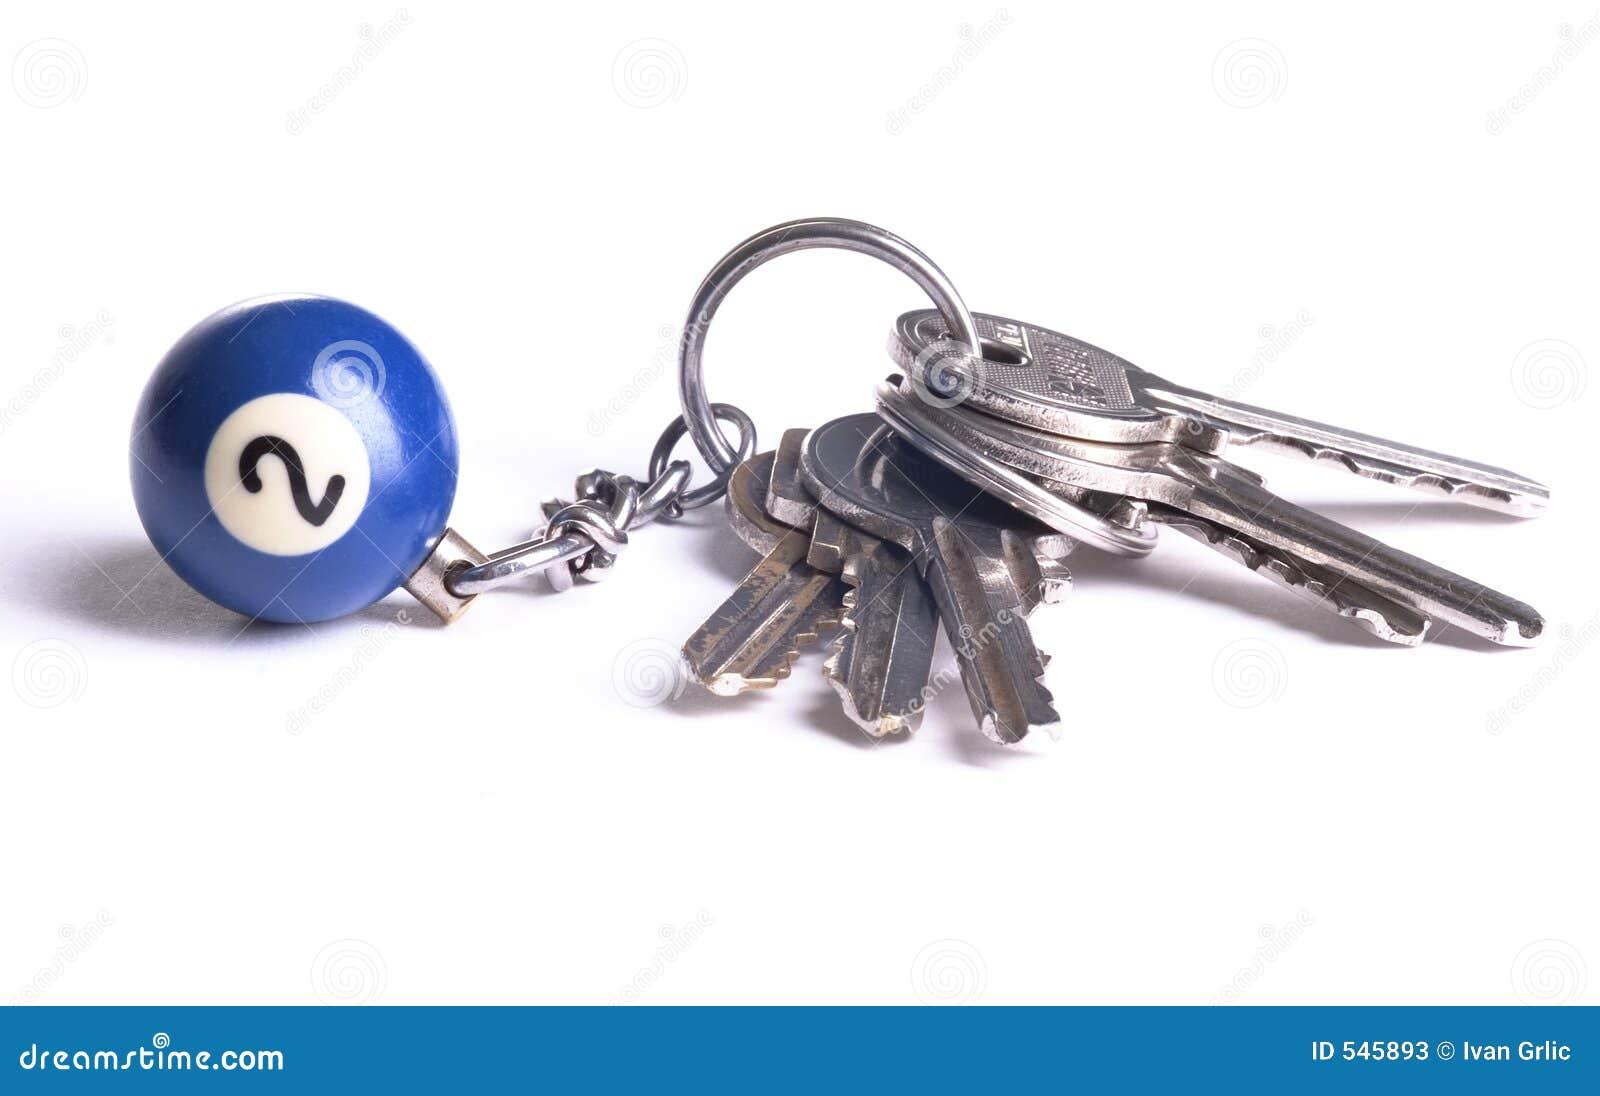 Download 关键字 库存图片. 图片 包括有 蓝色, 金属, 配件, 关键字, 塑料, 环形, 编号, 空白 - 545893